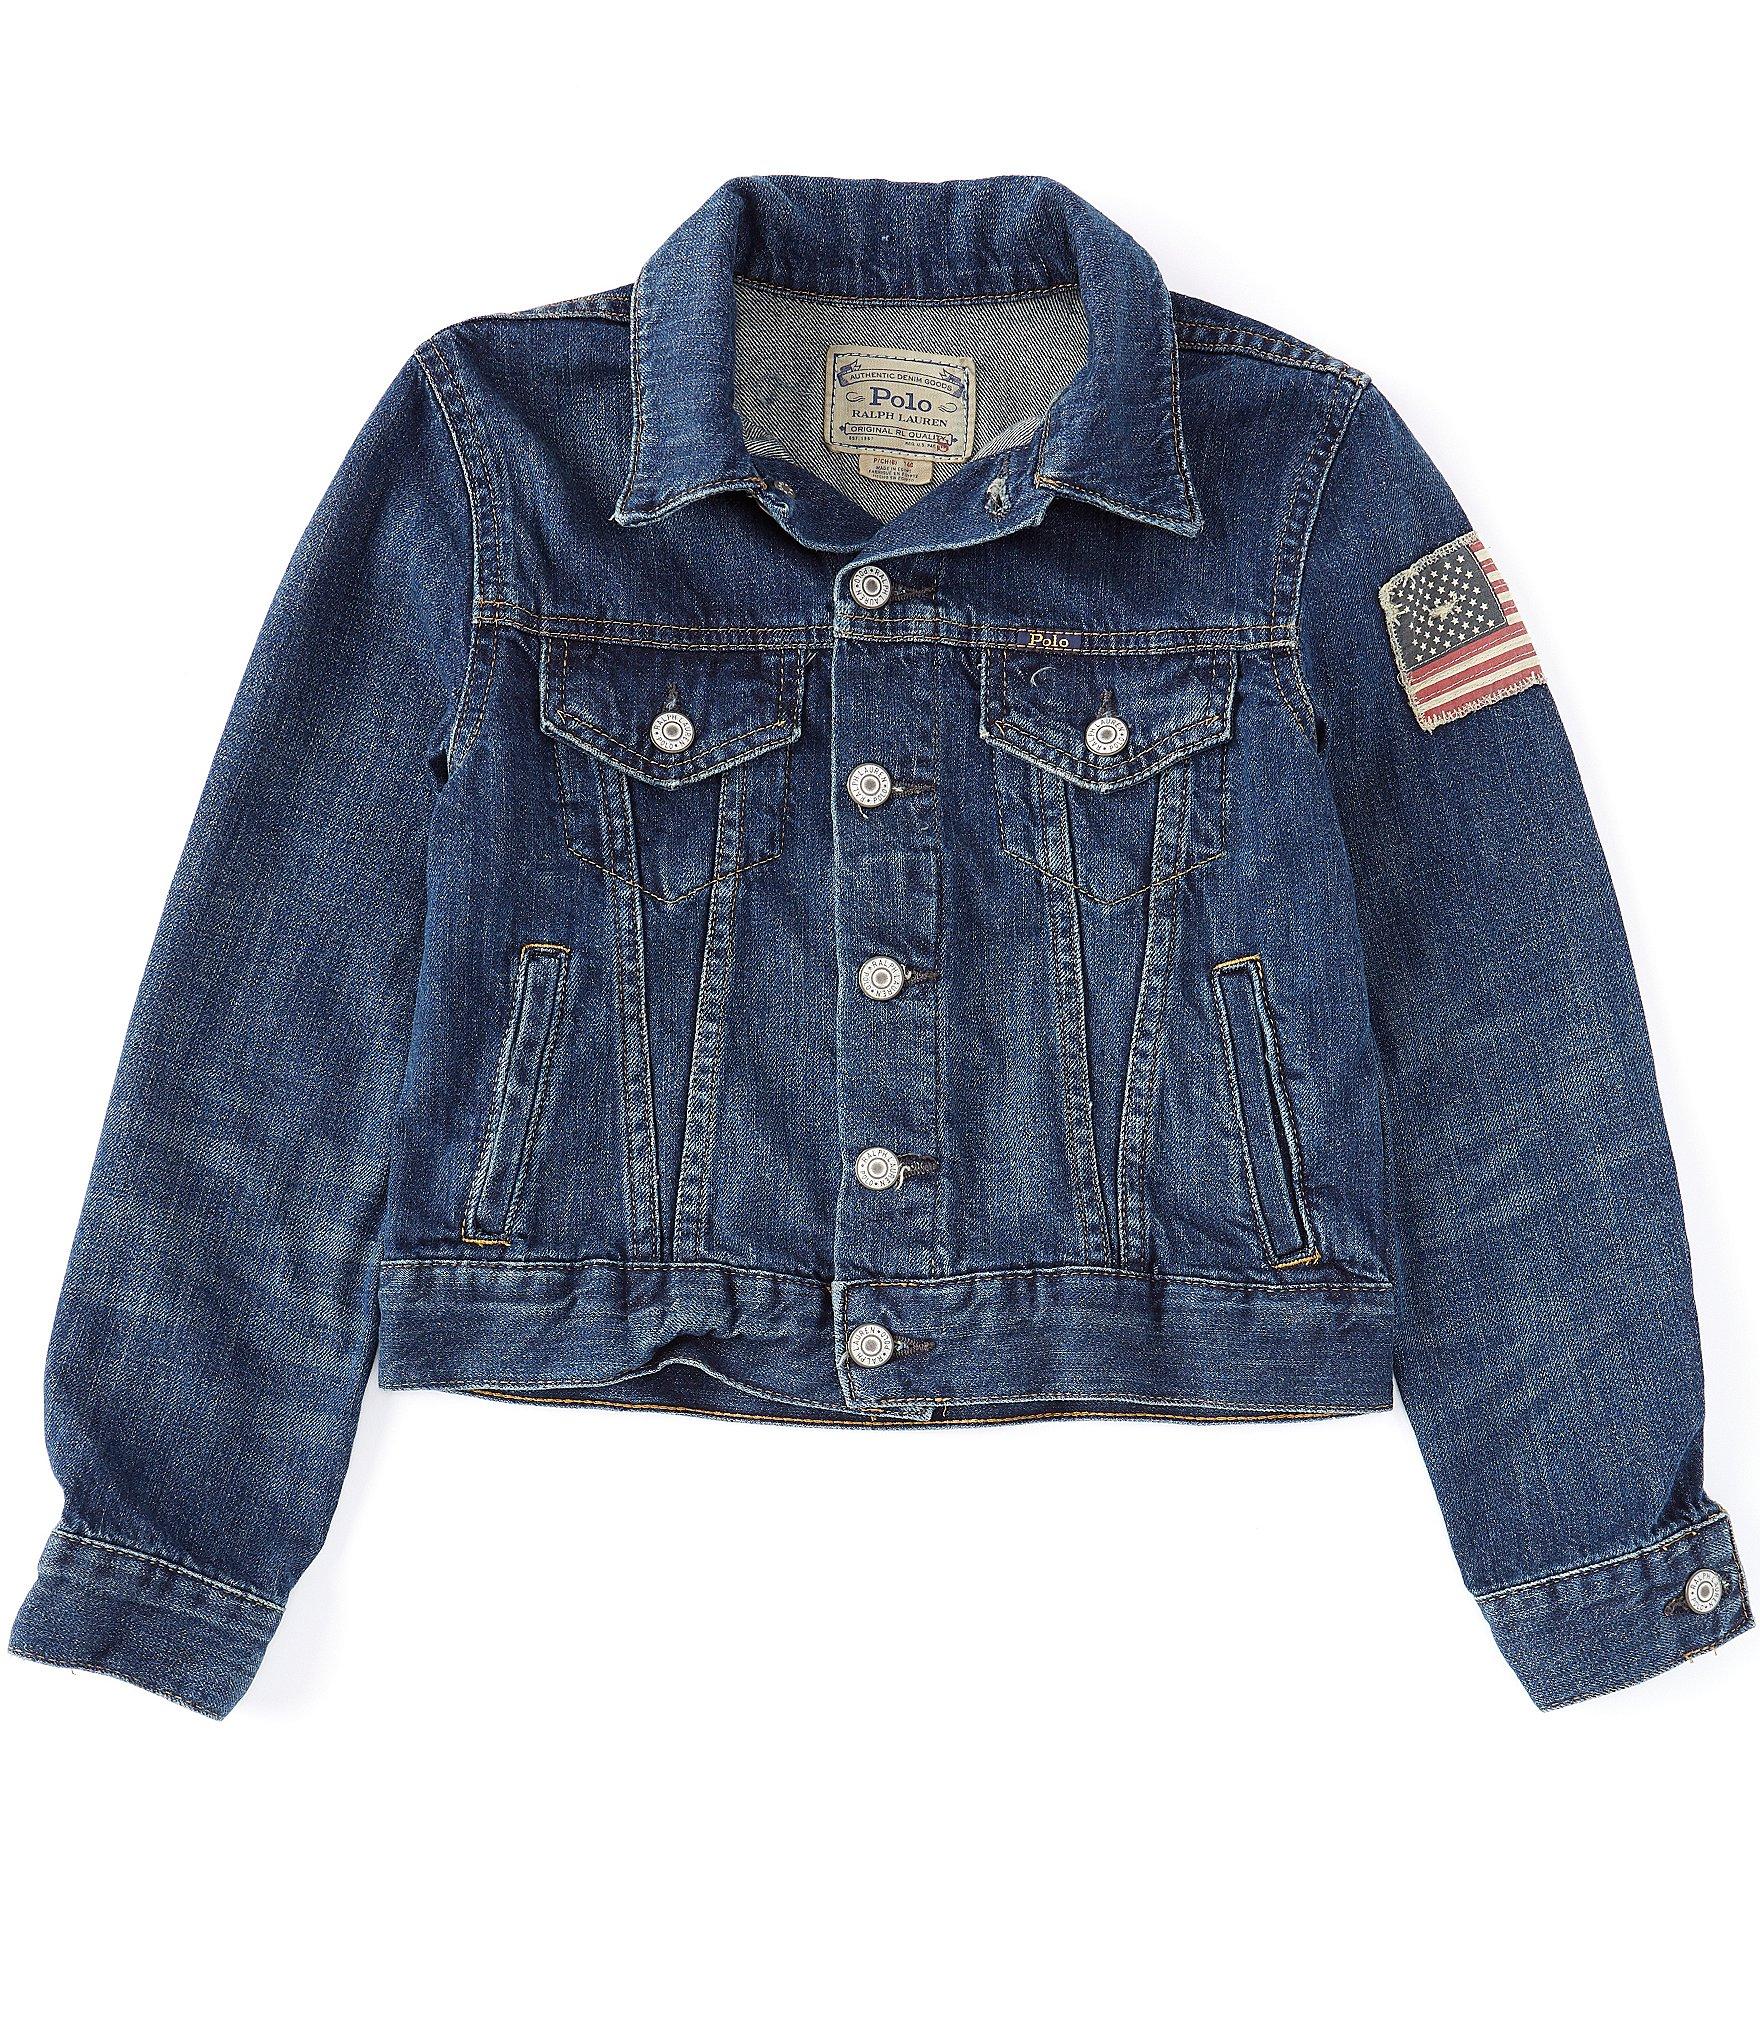 b341c69522 Ralph Lauren Childrenswear Big Boys 8-20 Denim Trucker Jacket